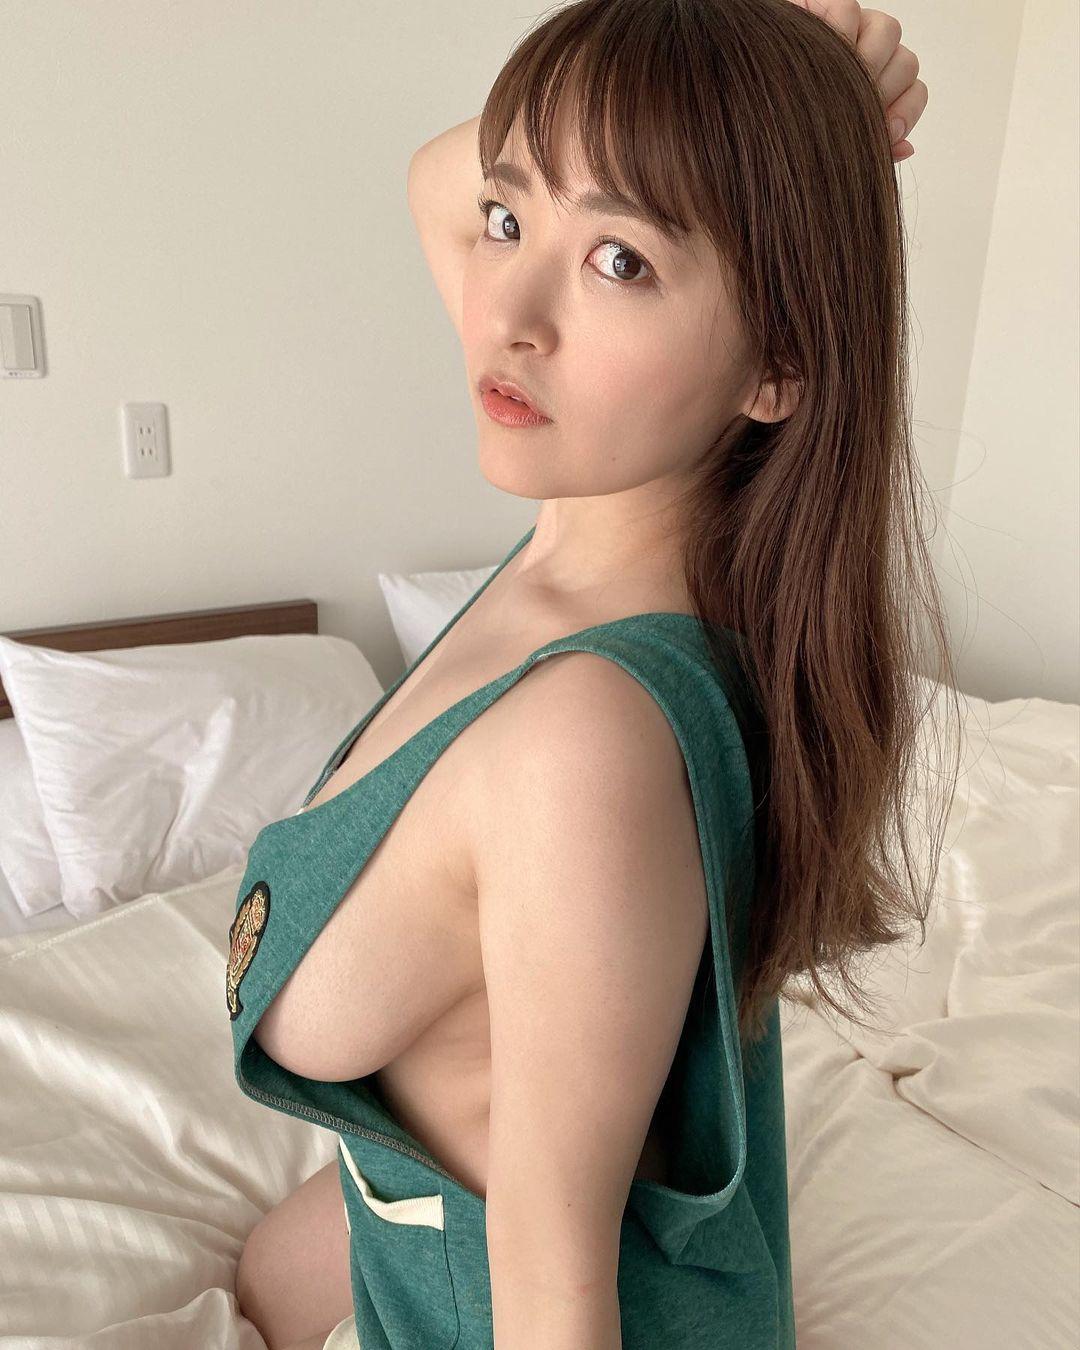 「セクシーかつ綺麗」「癒される」セクシー横乳ショットにファン歓喜【柳瀬さきさん/2021年6月2日】